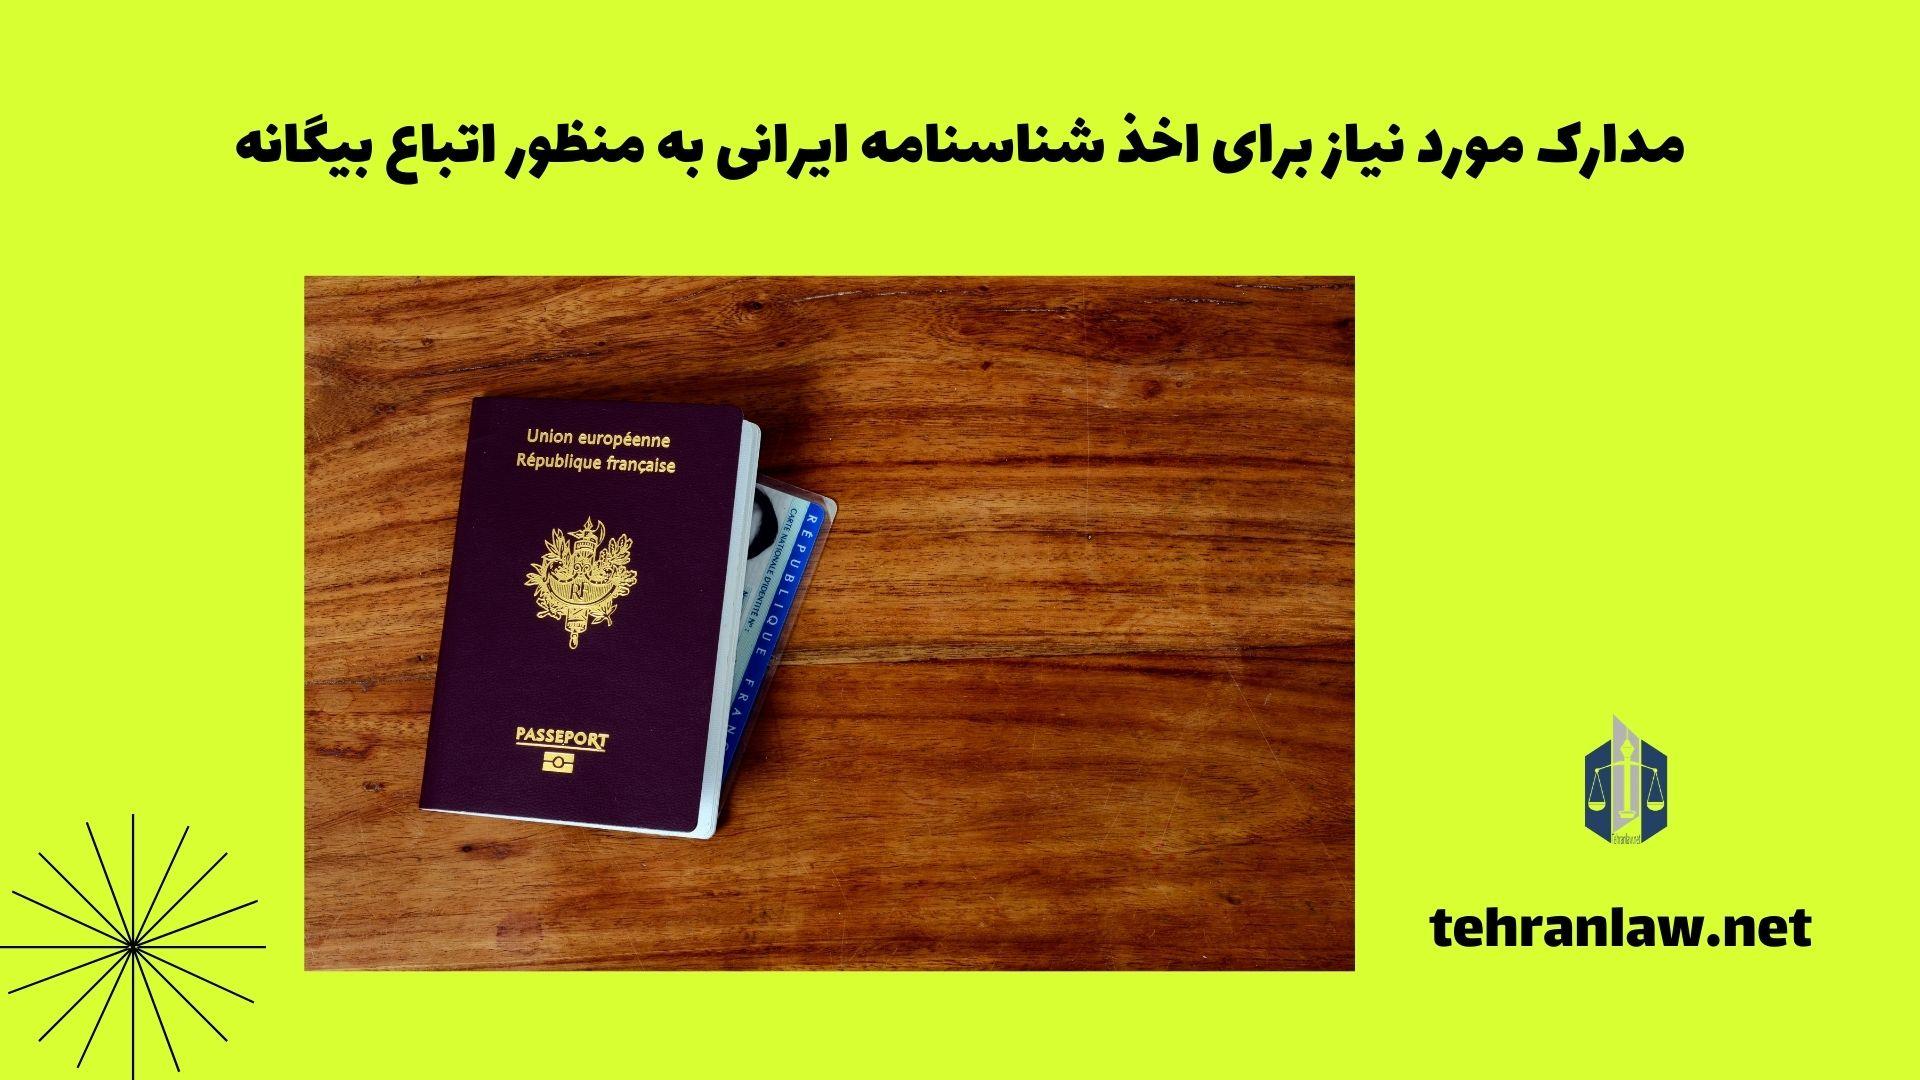 مدارک مورد نیاز برای اخذ شناسنامه ایرانی به منظور اتباع بیگانه